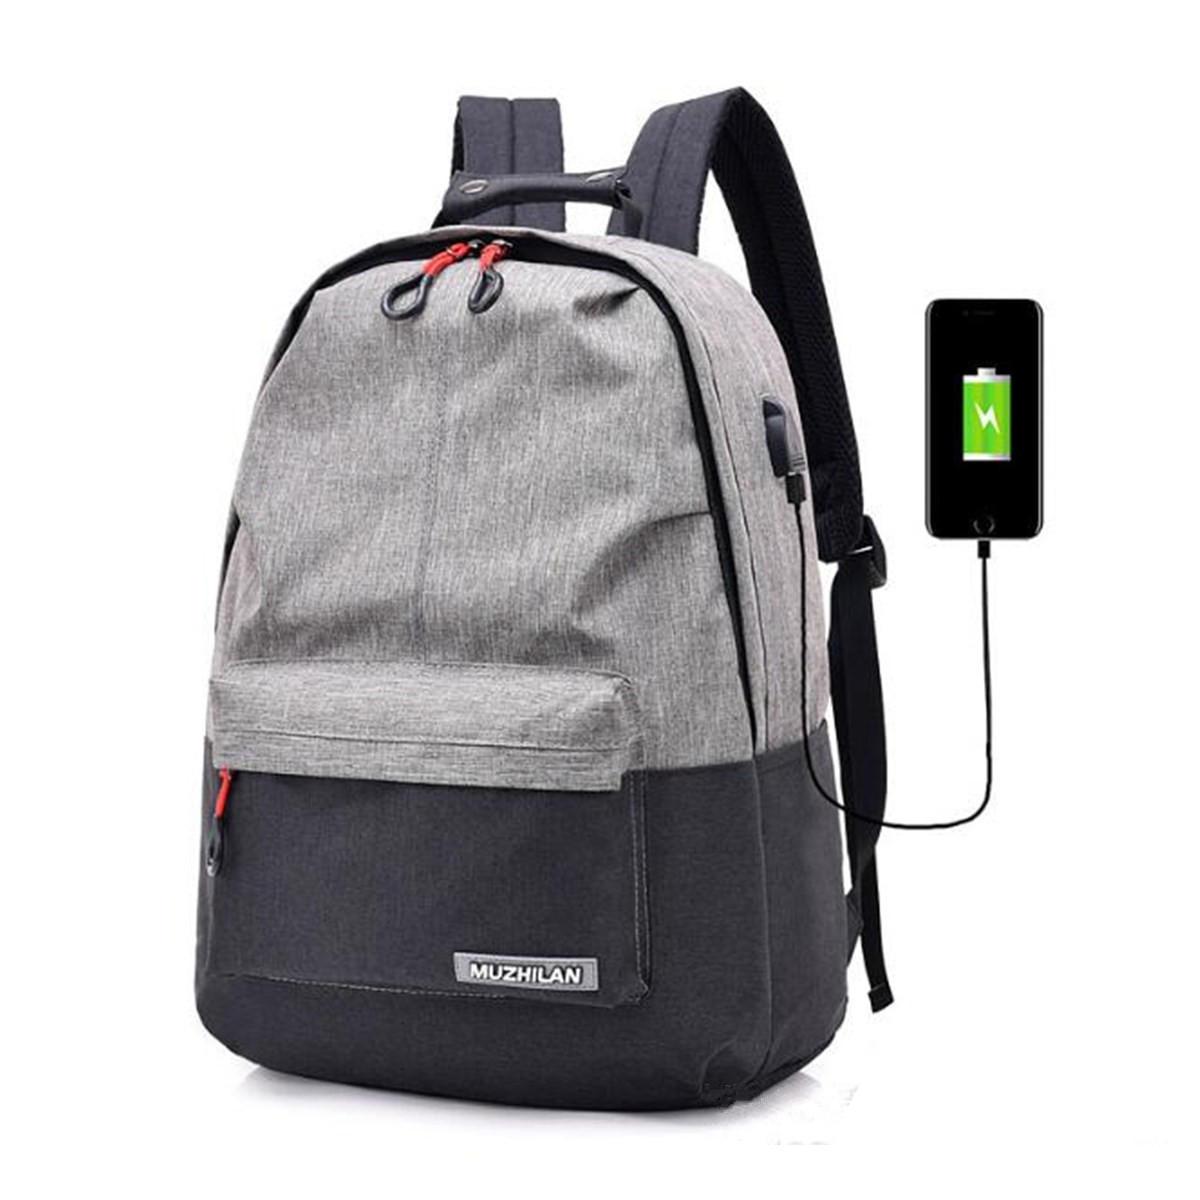 25L plein air USB Anti-vol sac à dos pour ordinateur portable voyage affaires sac d'école sac à dos COD